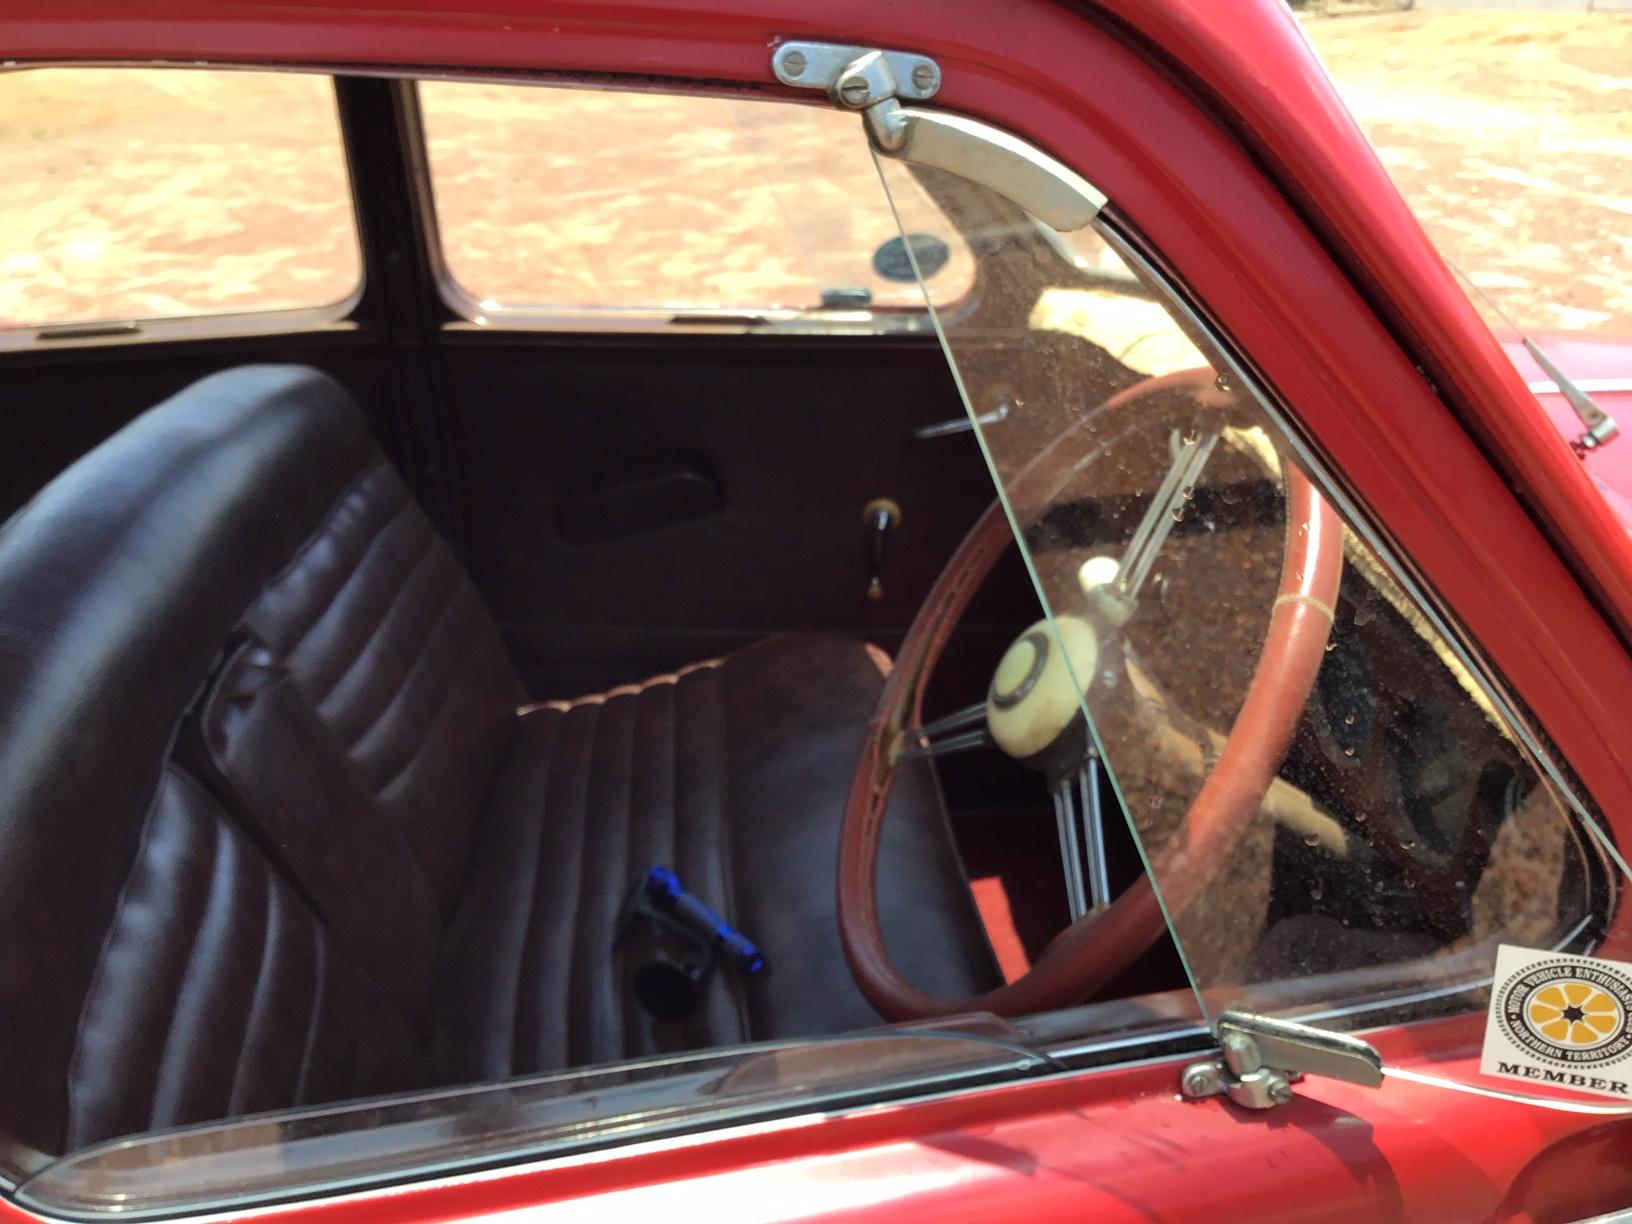 1949 PB Jowett Javelin Deluxe Interior